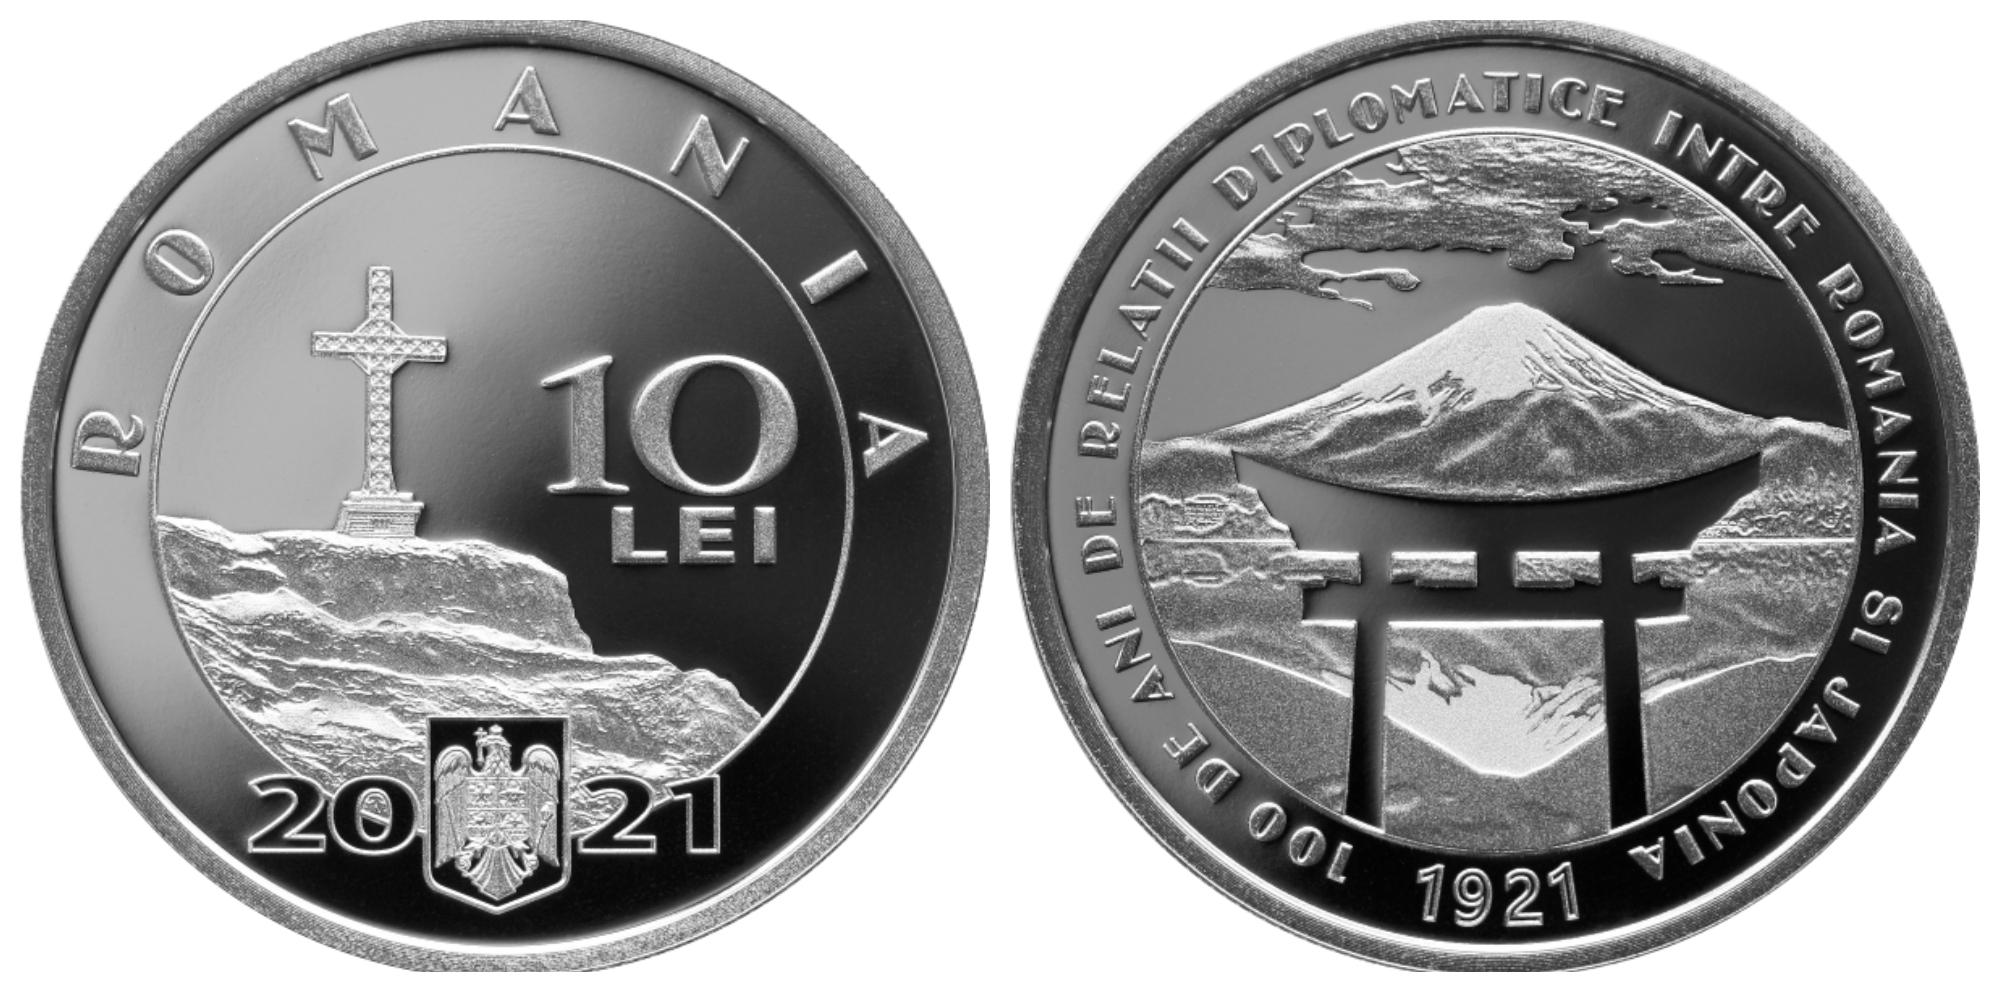 Monedă din argint cu tema 100 de ani de relaţii diplomatice între România şi Japonia